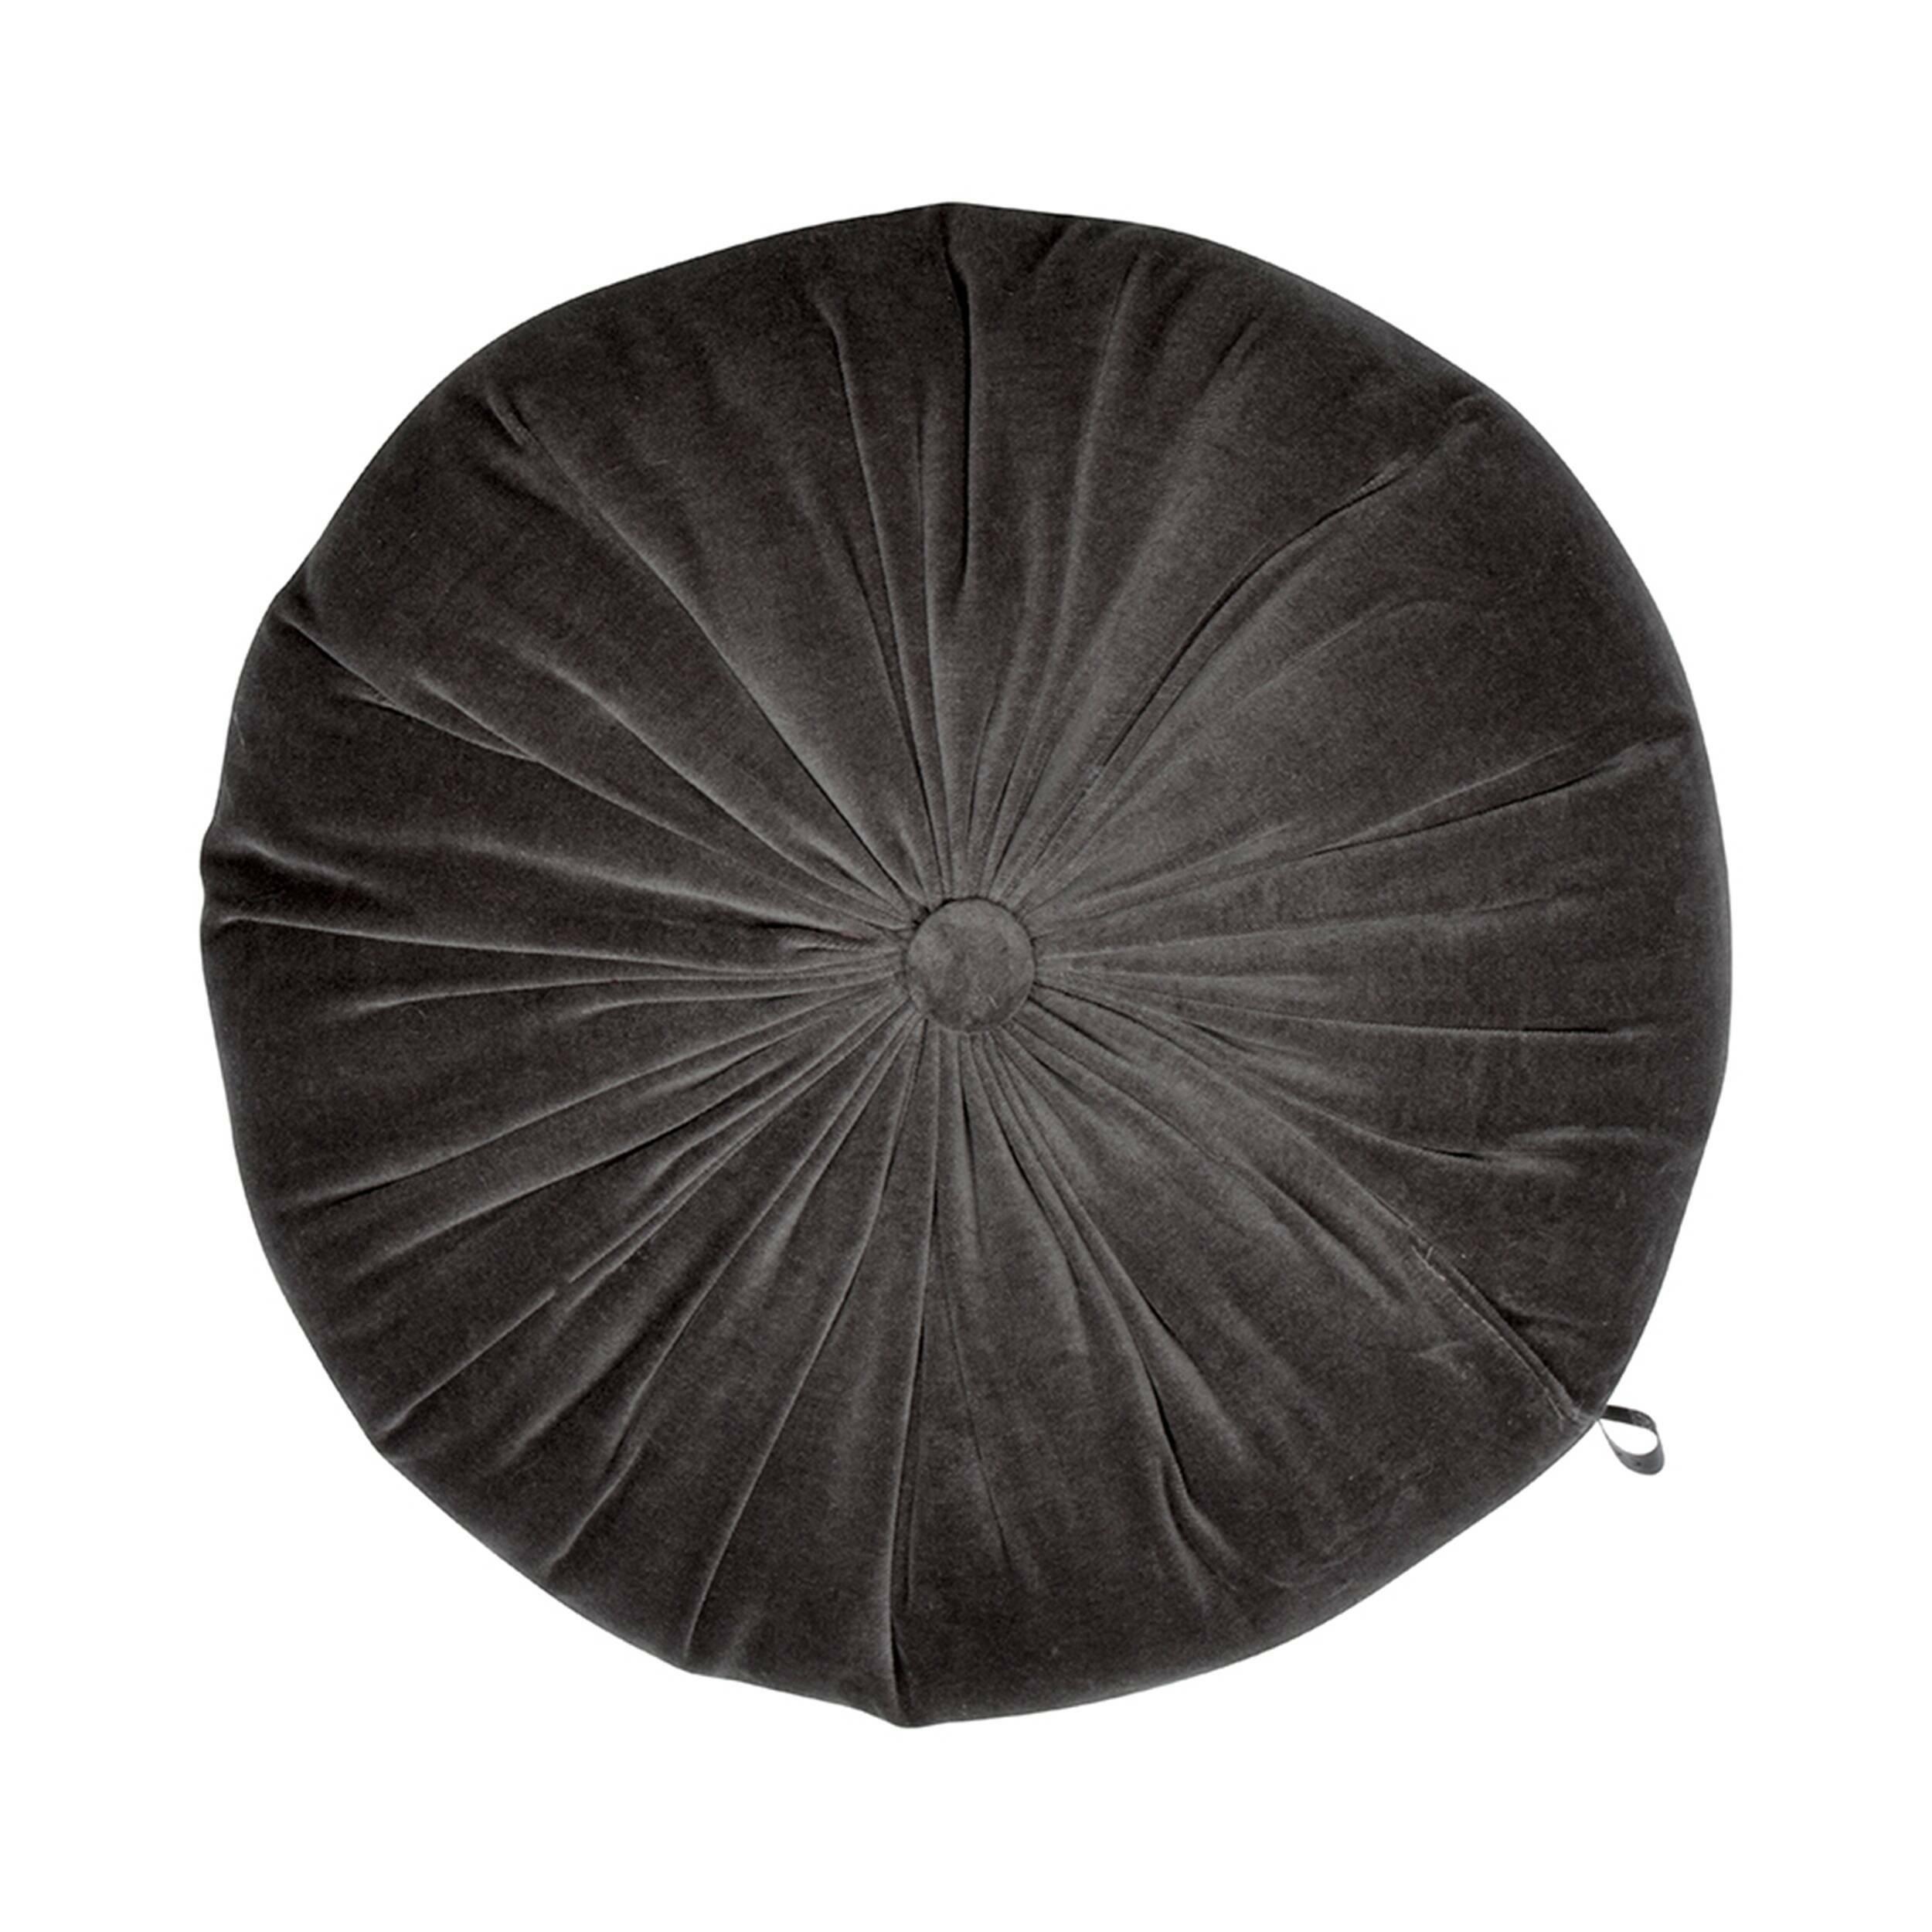 Декоративная подушка Cosmo 15579914 от Cosmorelax